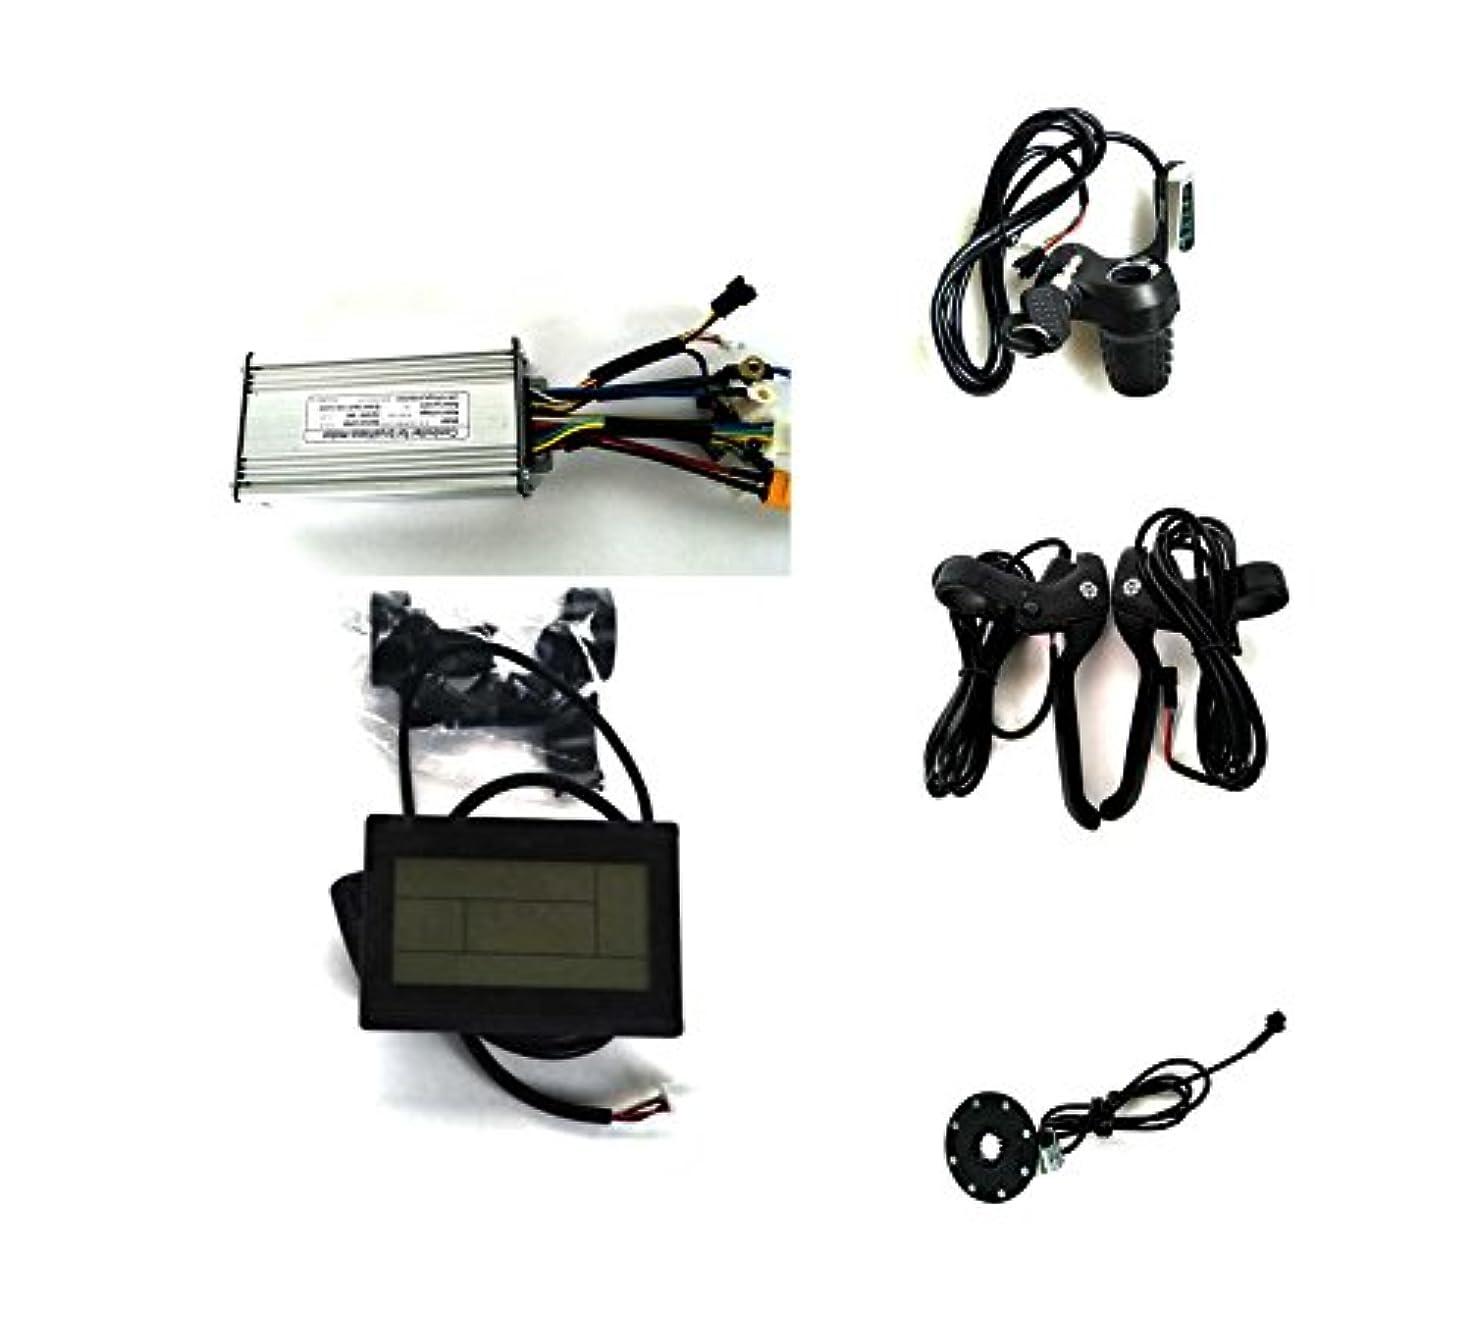 行政甘い計画25A Sine Wave Controller + LCD Control Panel + Twist Throttle +Brake Lever+PAS For 36V 48V 500W BLDC Motor